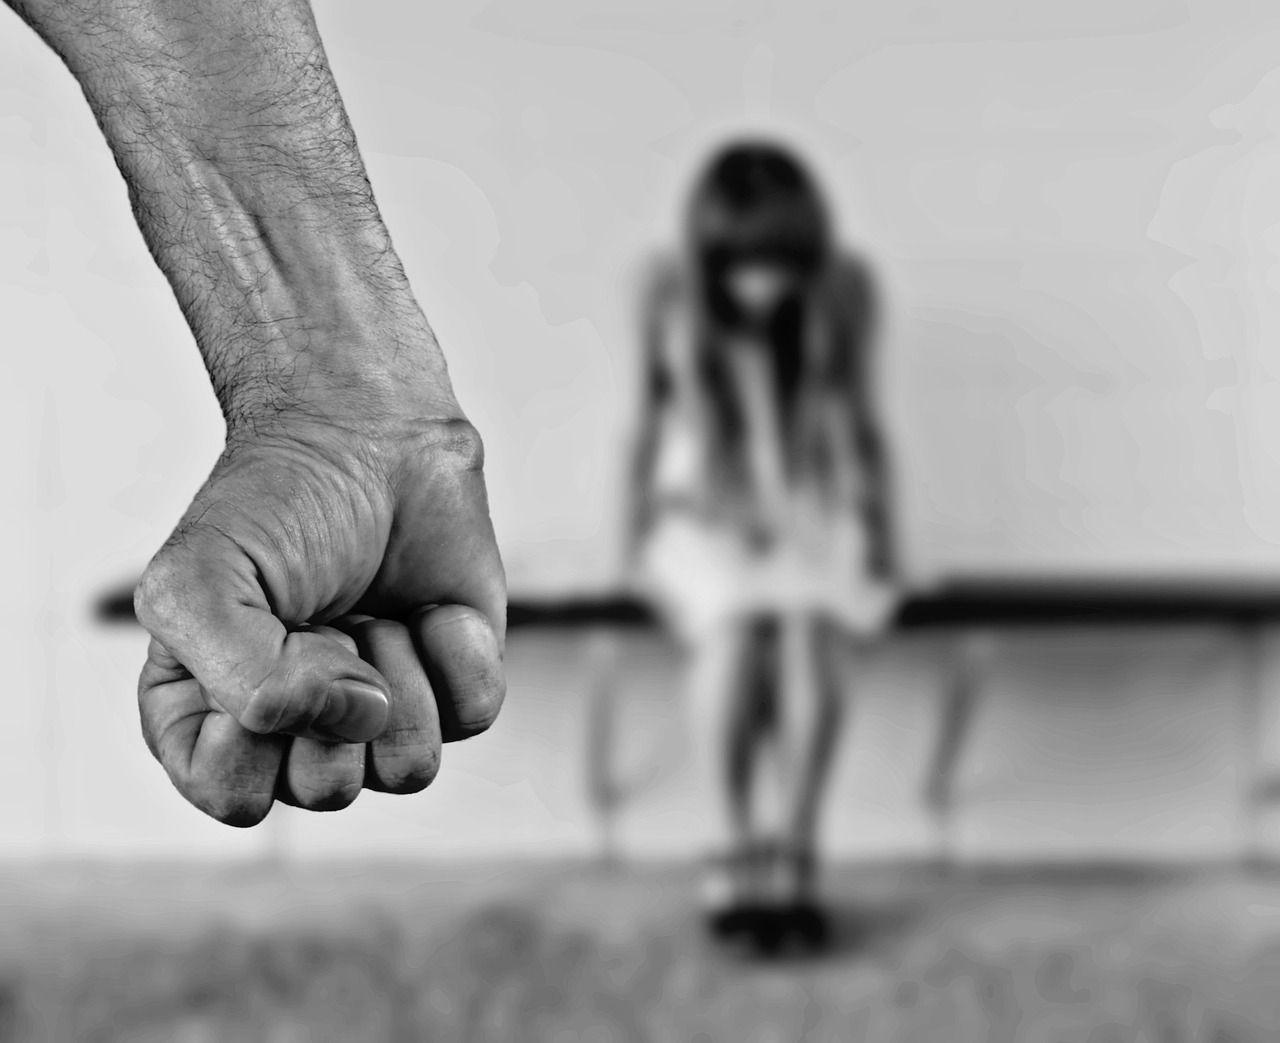 Femminicidio in Italia: i numeri di una violenza senza fine